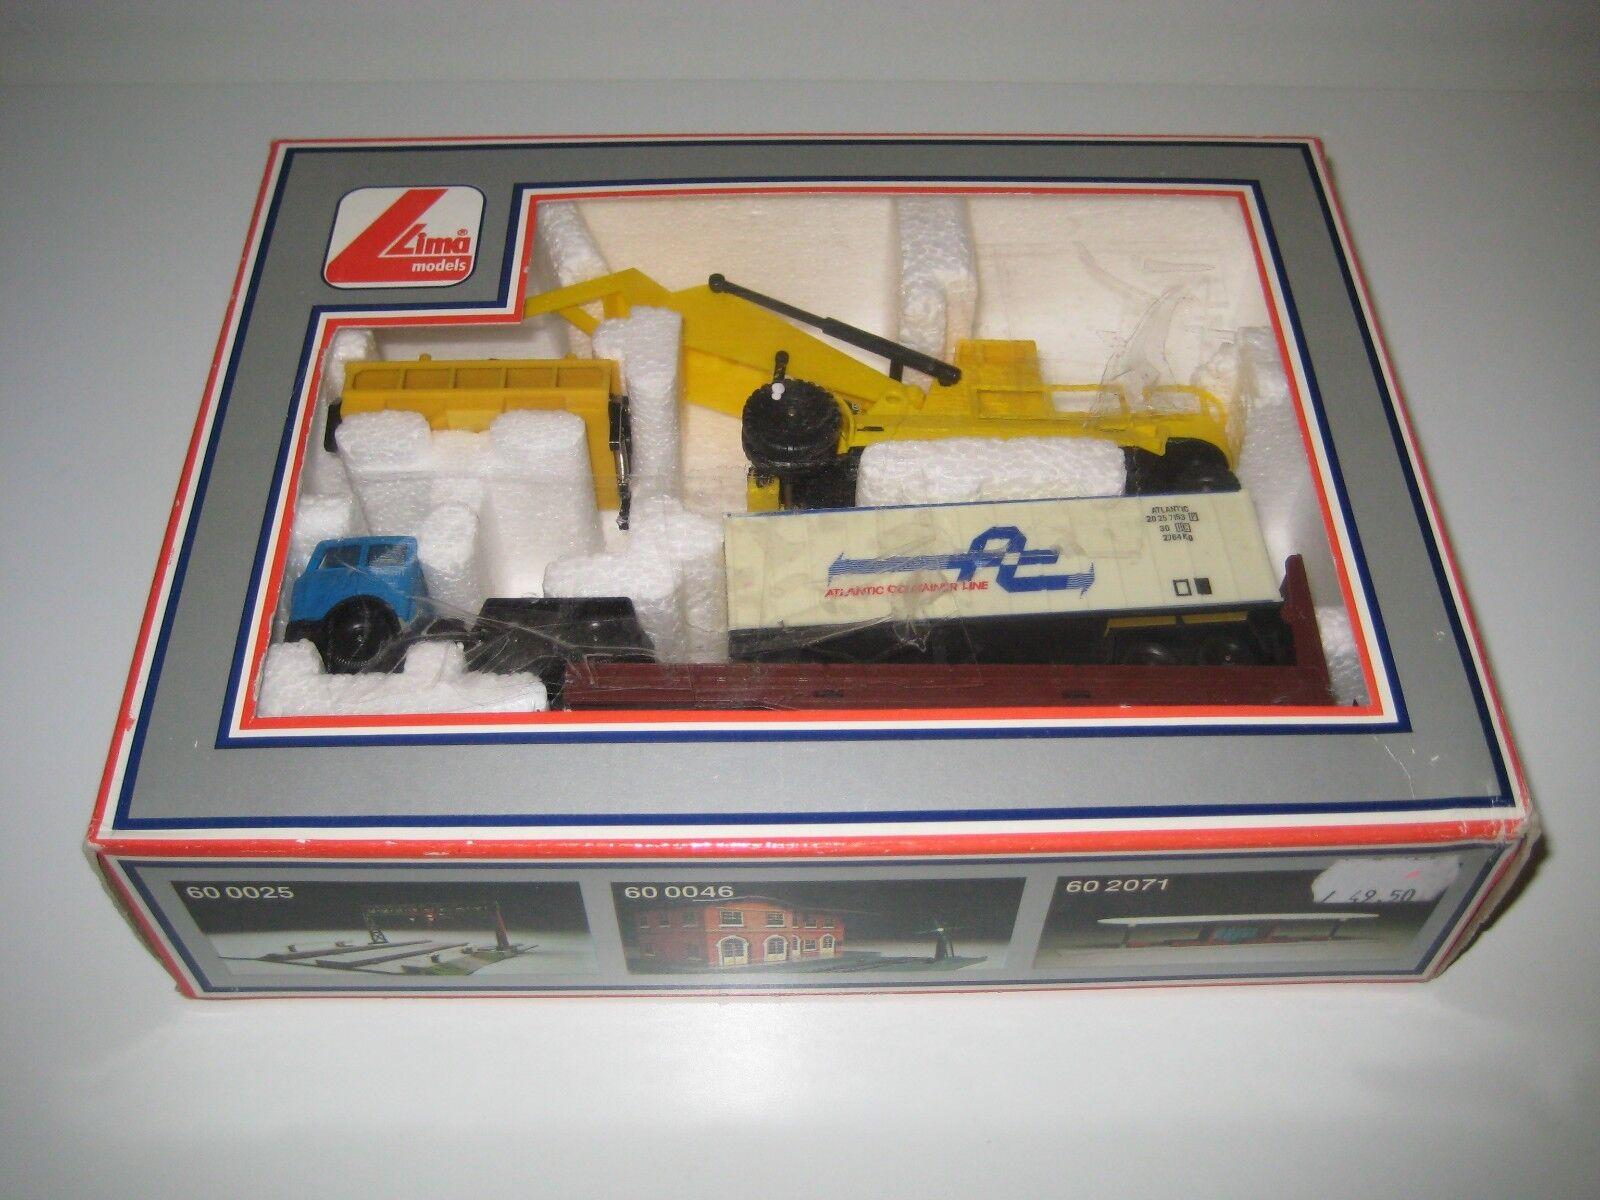 Lima H0 60 0990 - Set de grúa, contenedor, camión y argentoforma